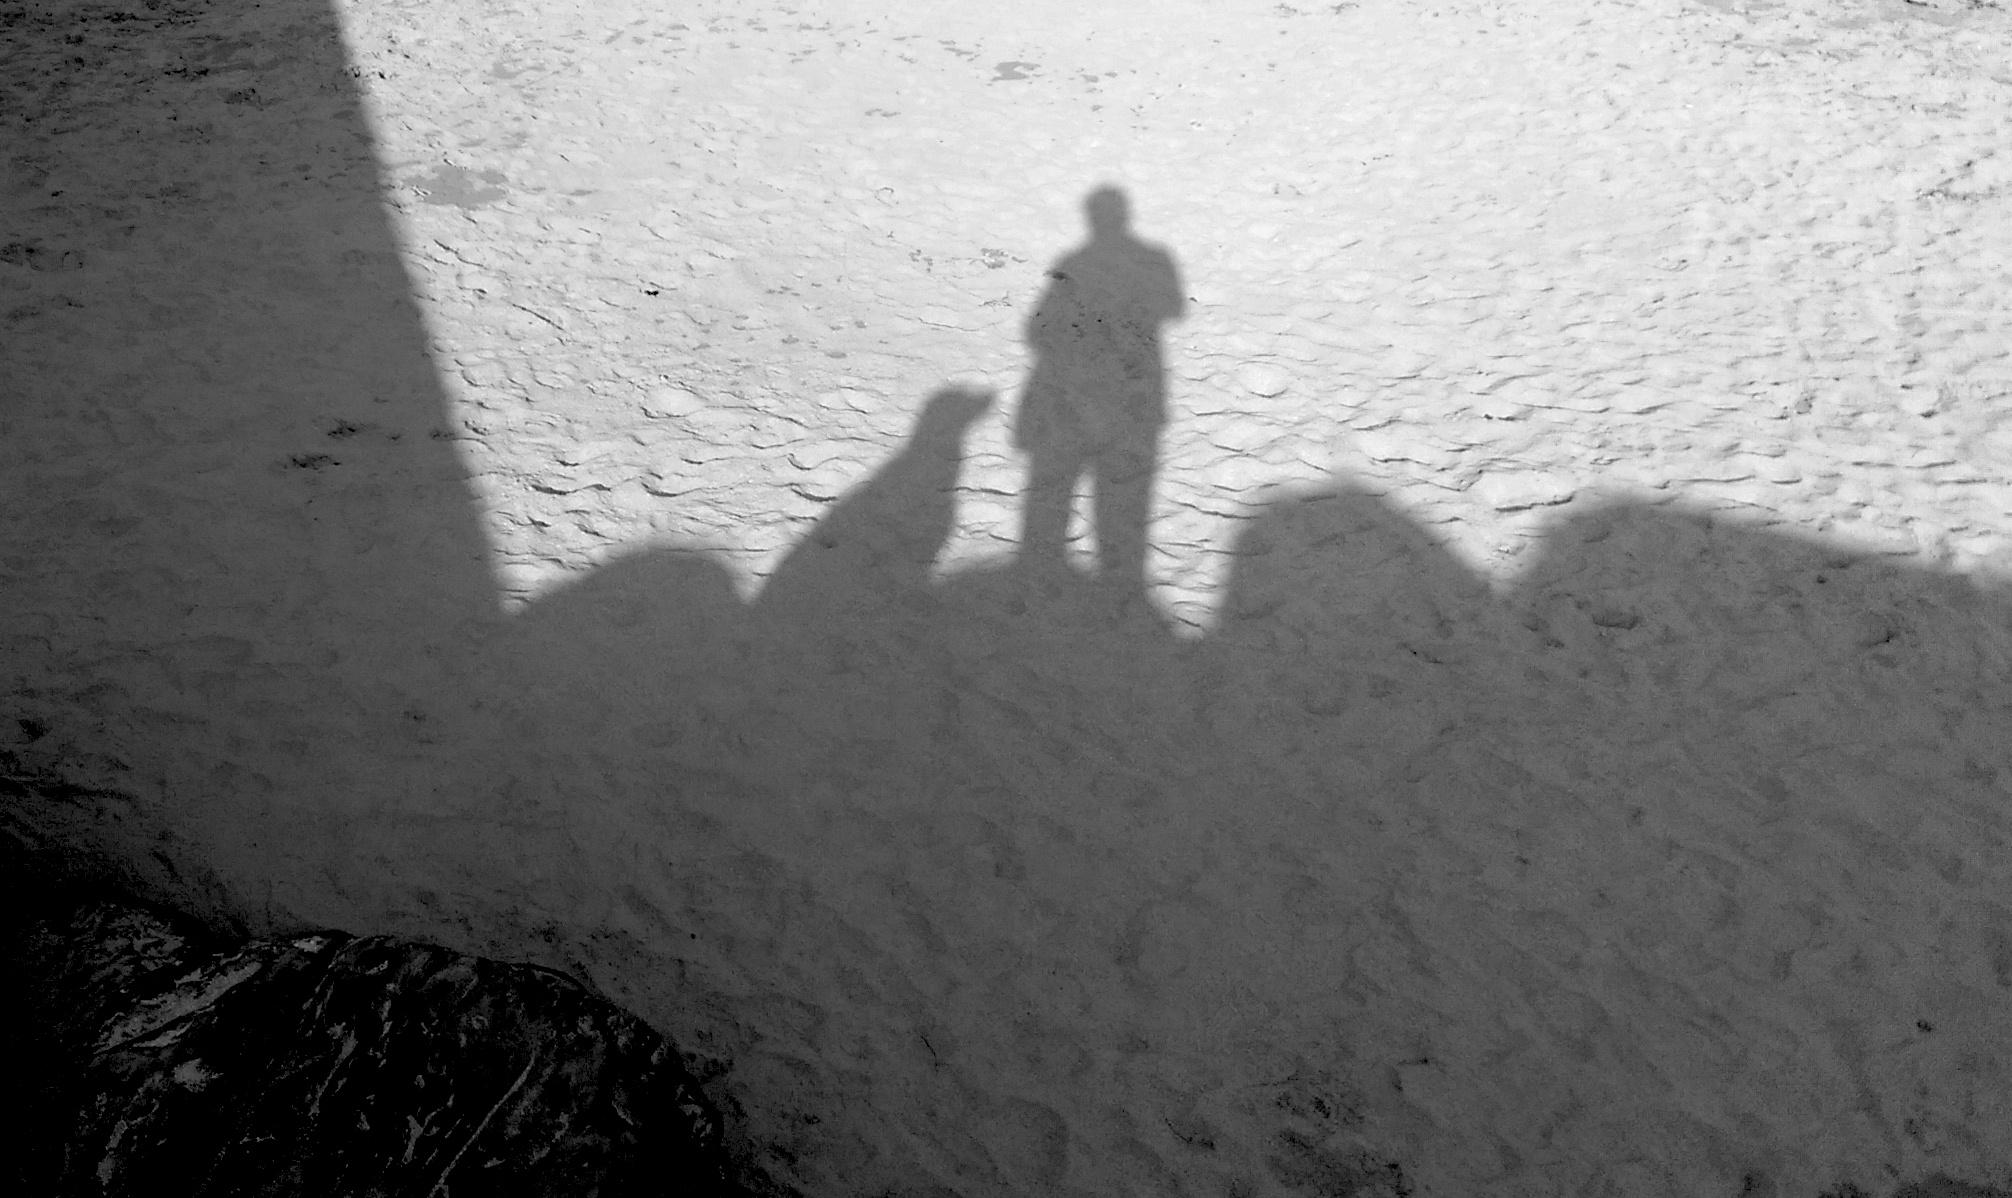 Schatten eines Hundes und eines Mannes auf dem Strand